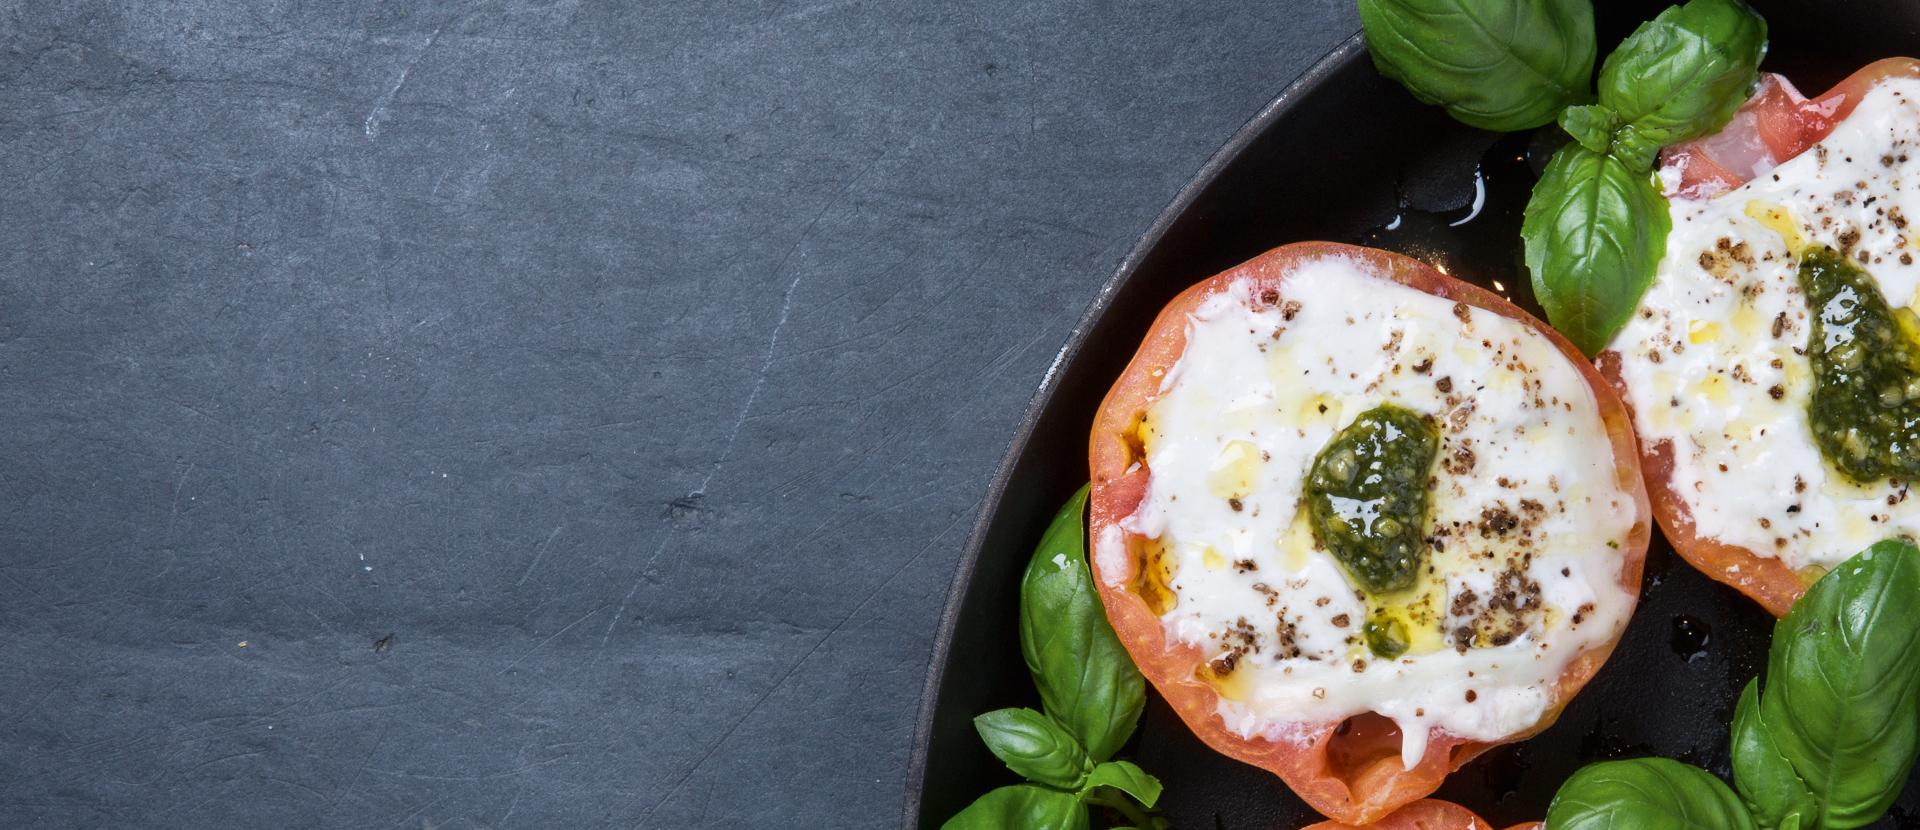 Baked tomato with mozzarella